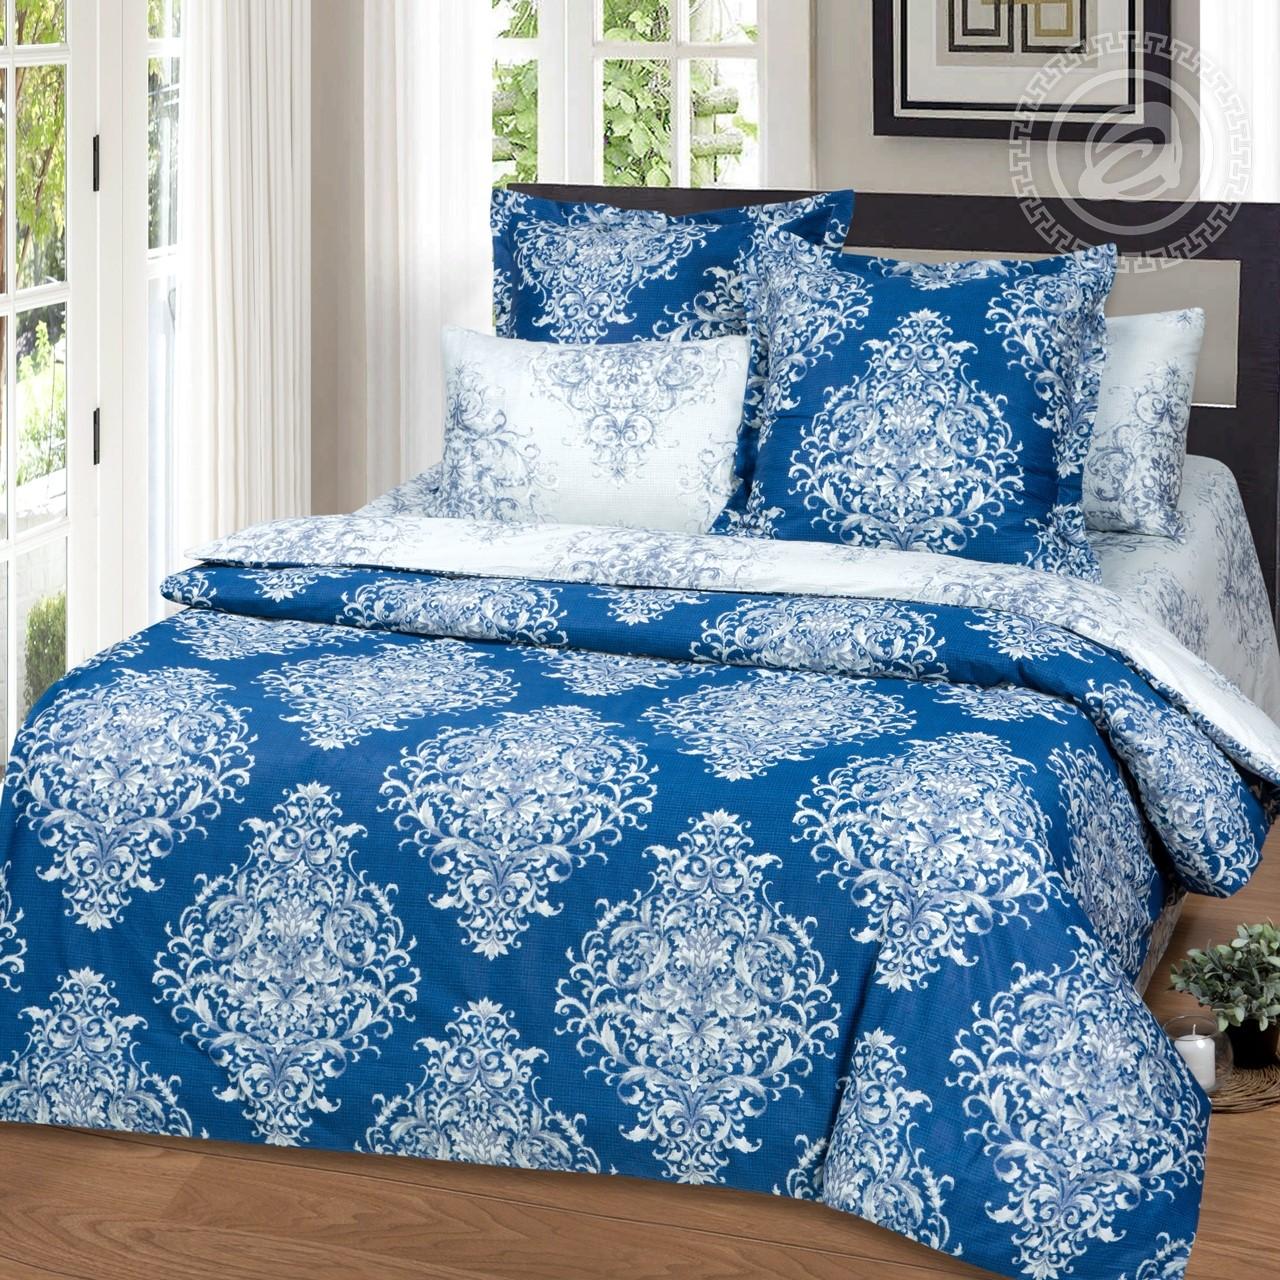 Постельное белье Каравелла (сатин) (1,5 спальный) постельное белье пузыри сатин 1 5 спальный